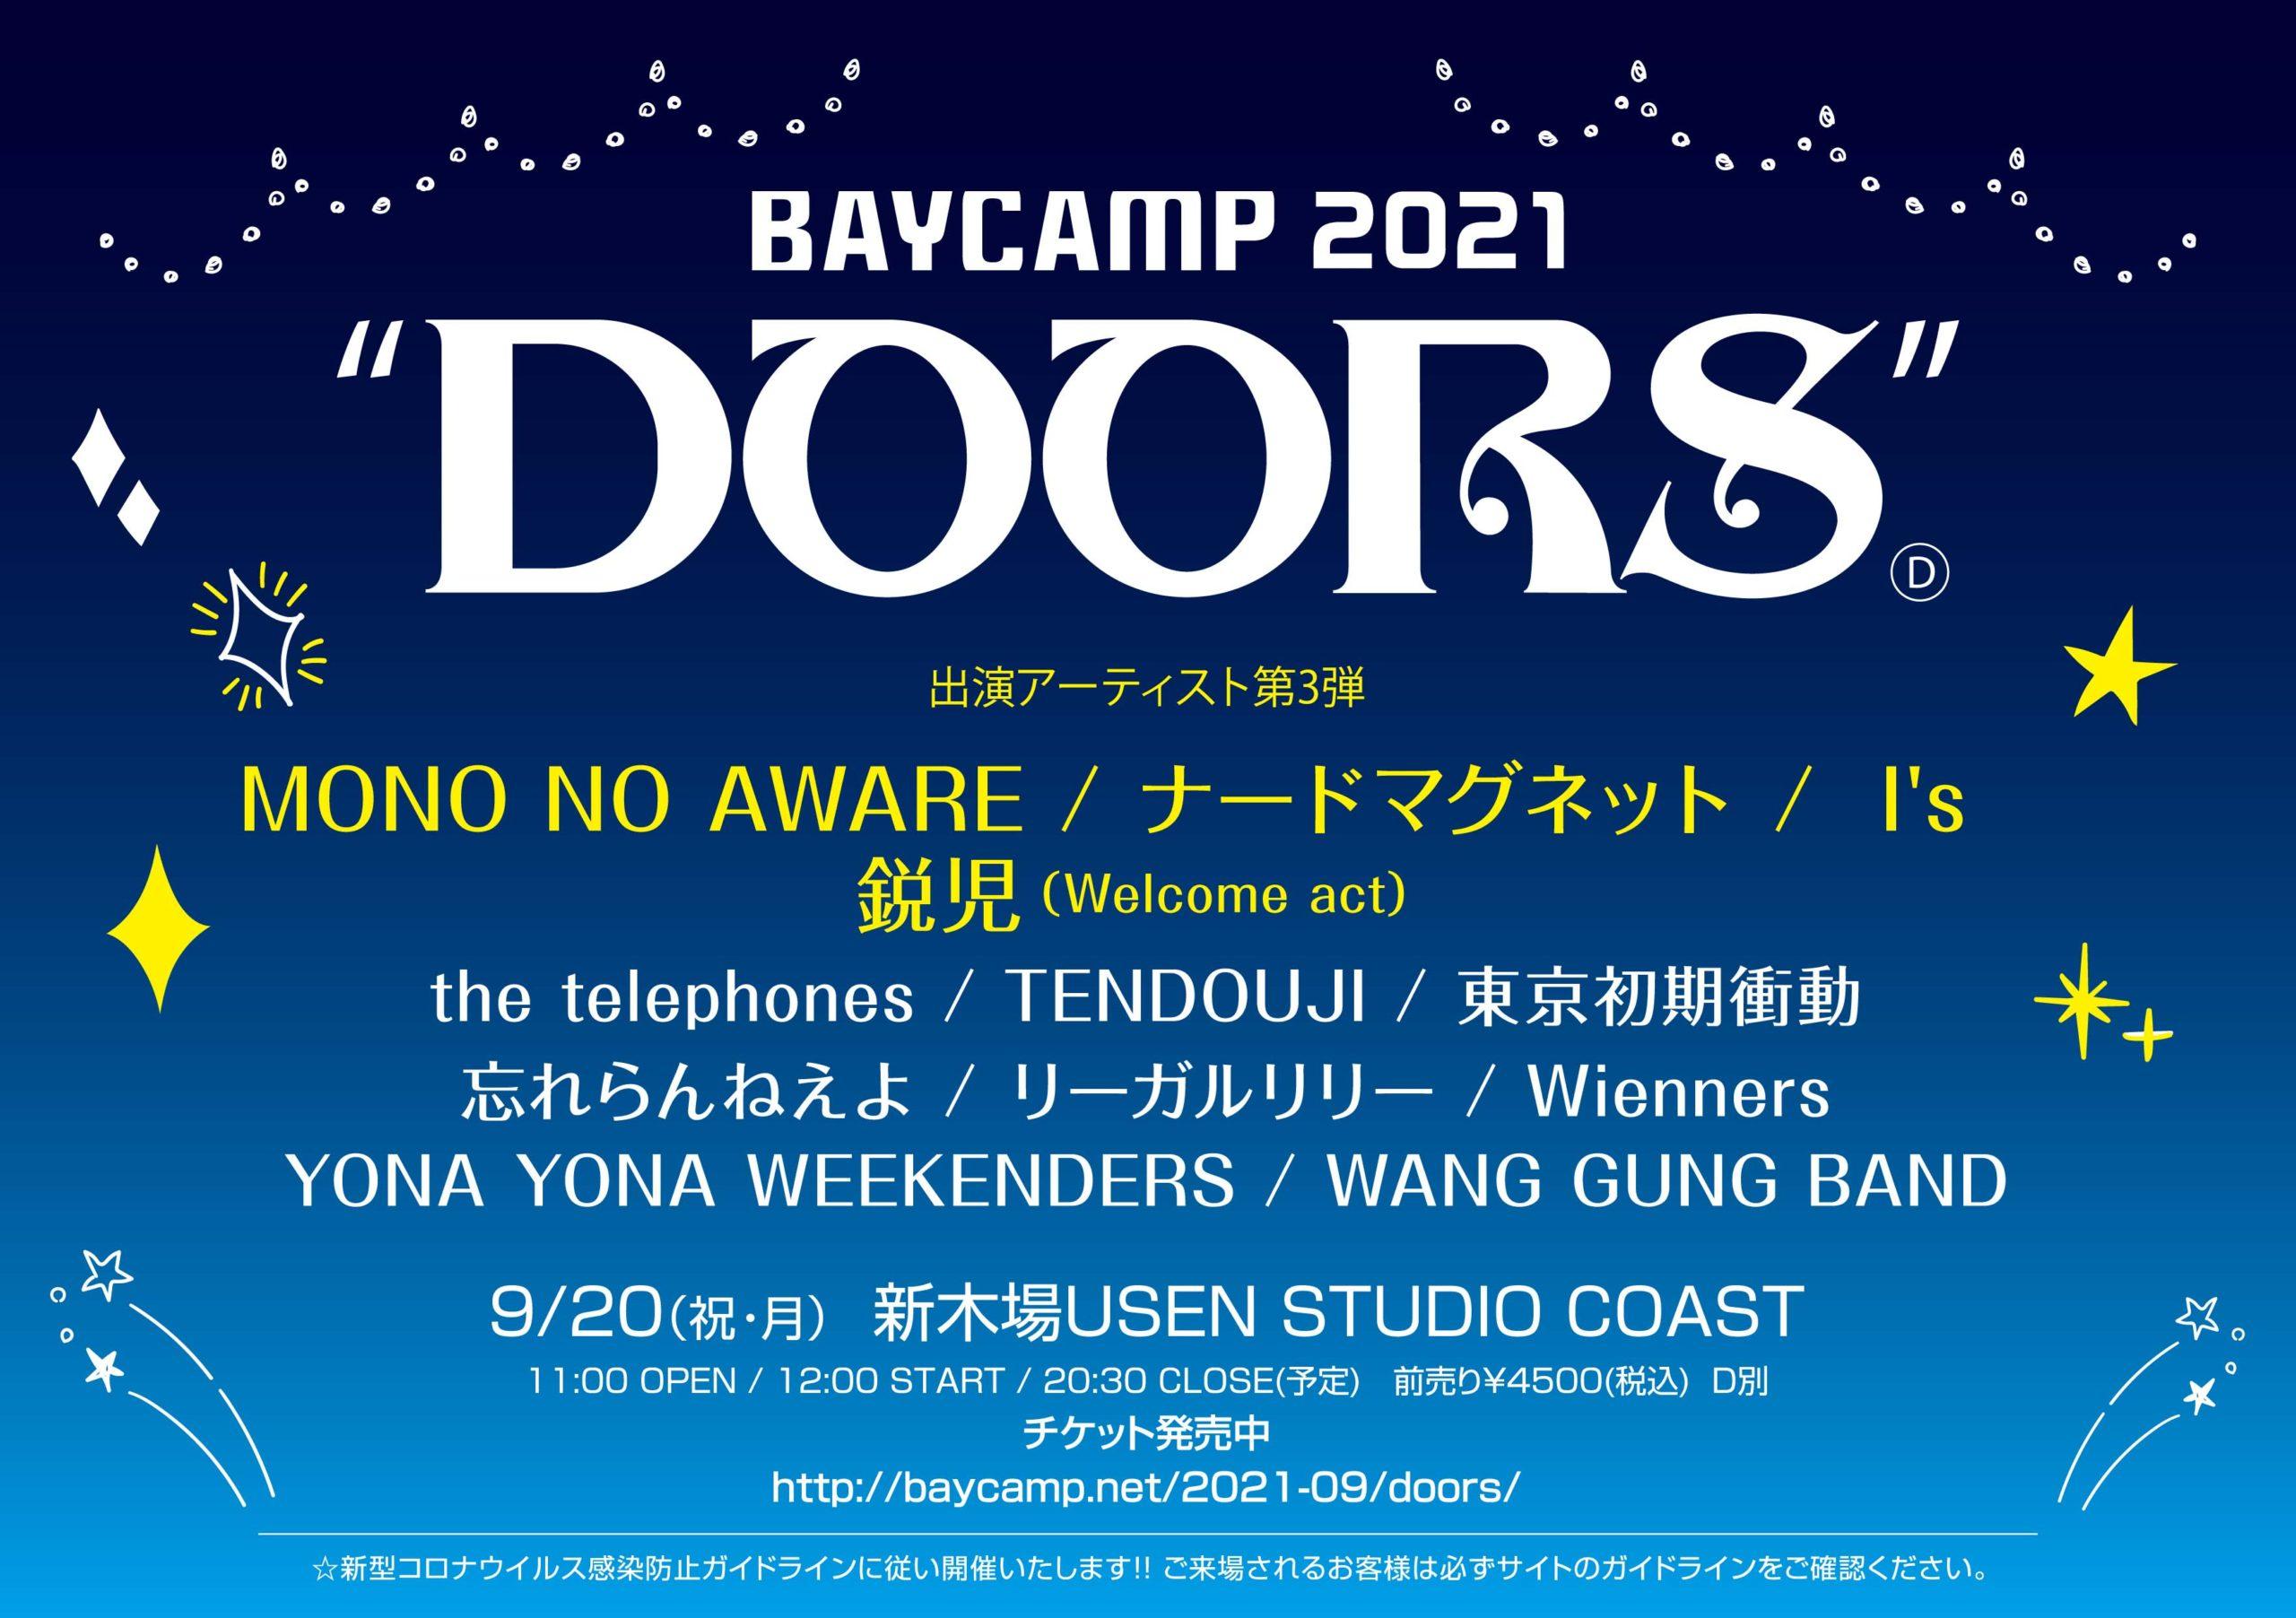 """BAYCAMP 2021 """"DOORS"""" 最終出演アーティスト解禁"""